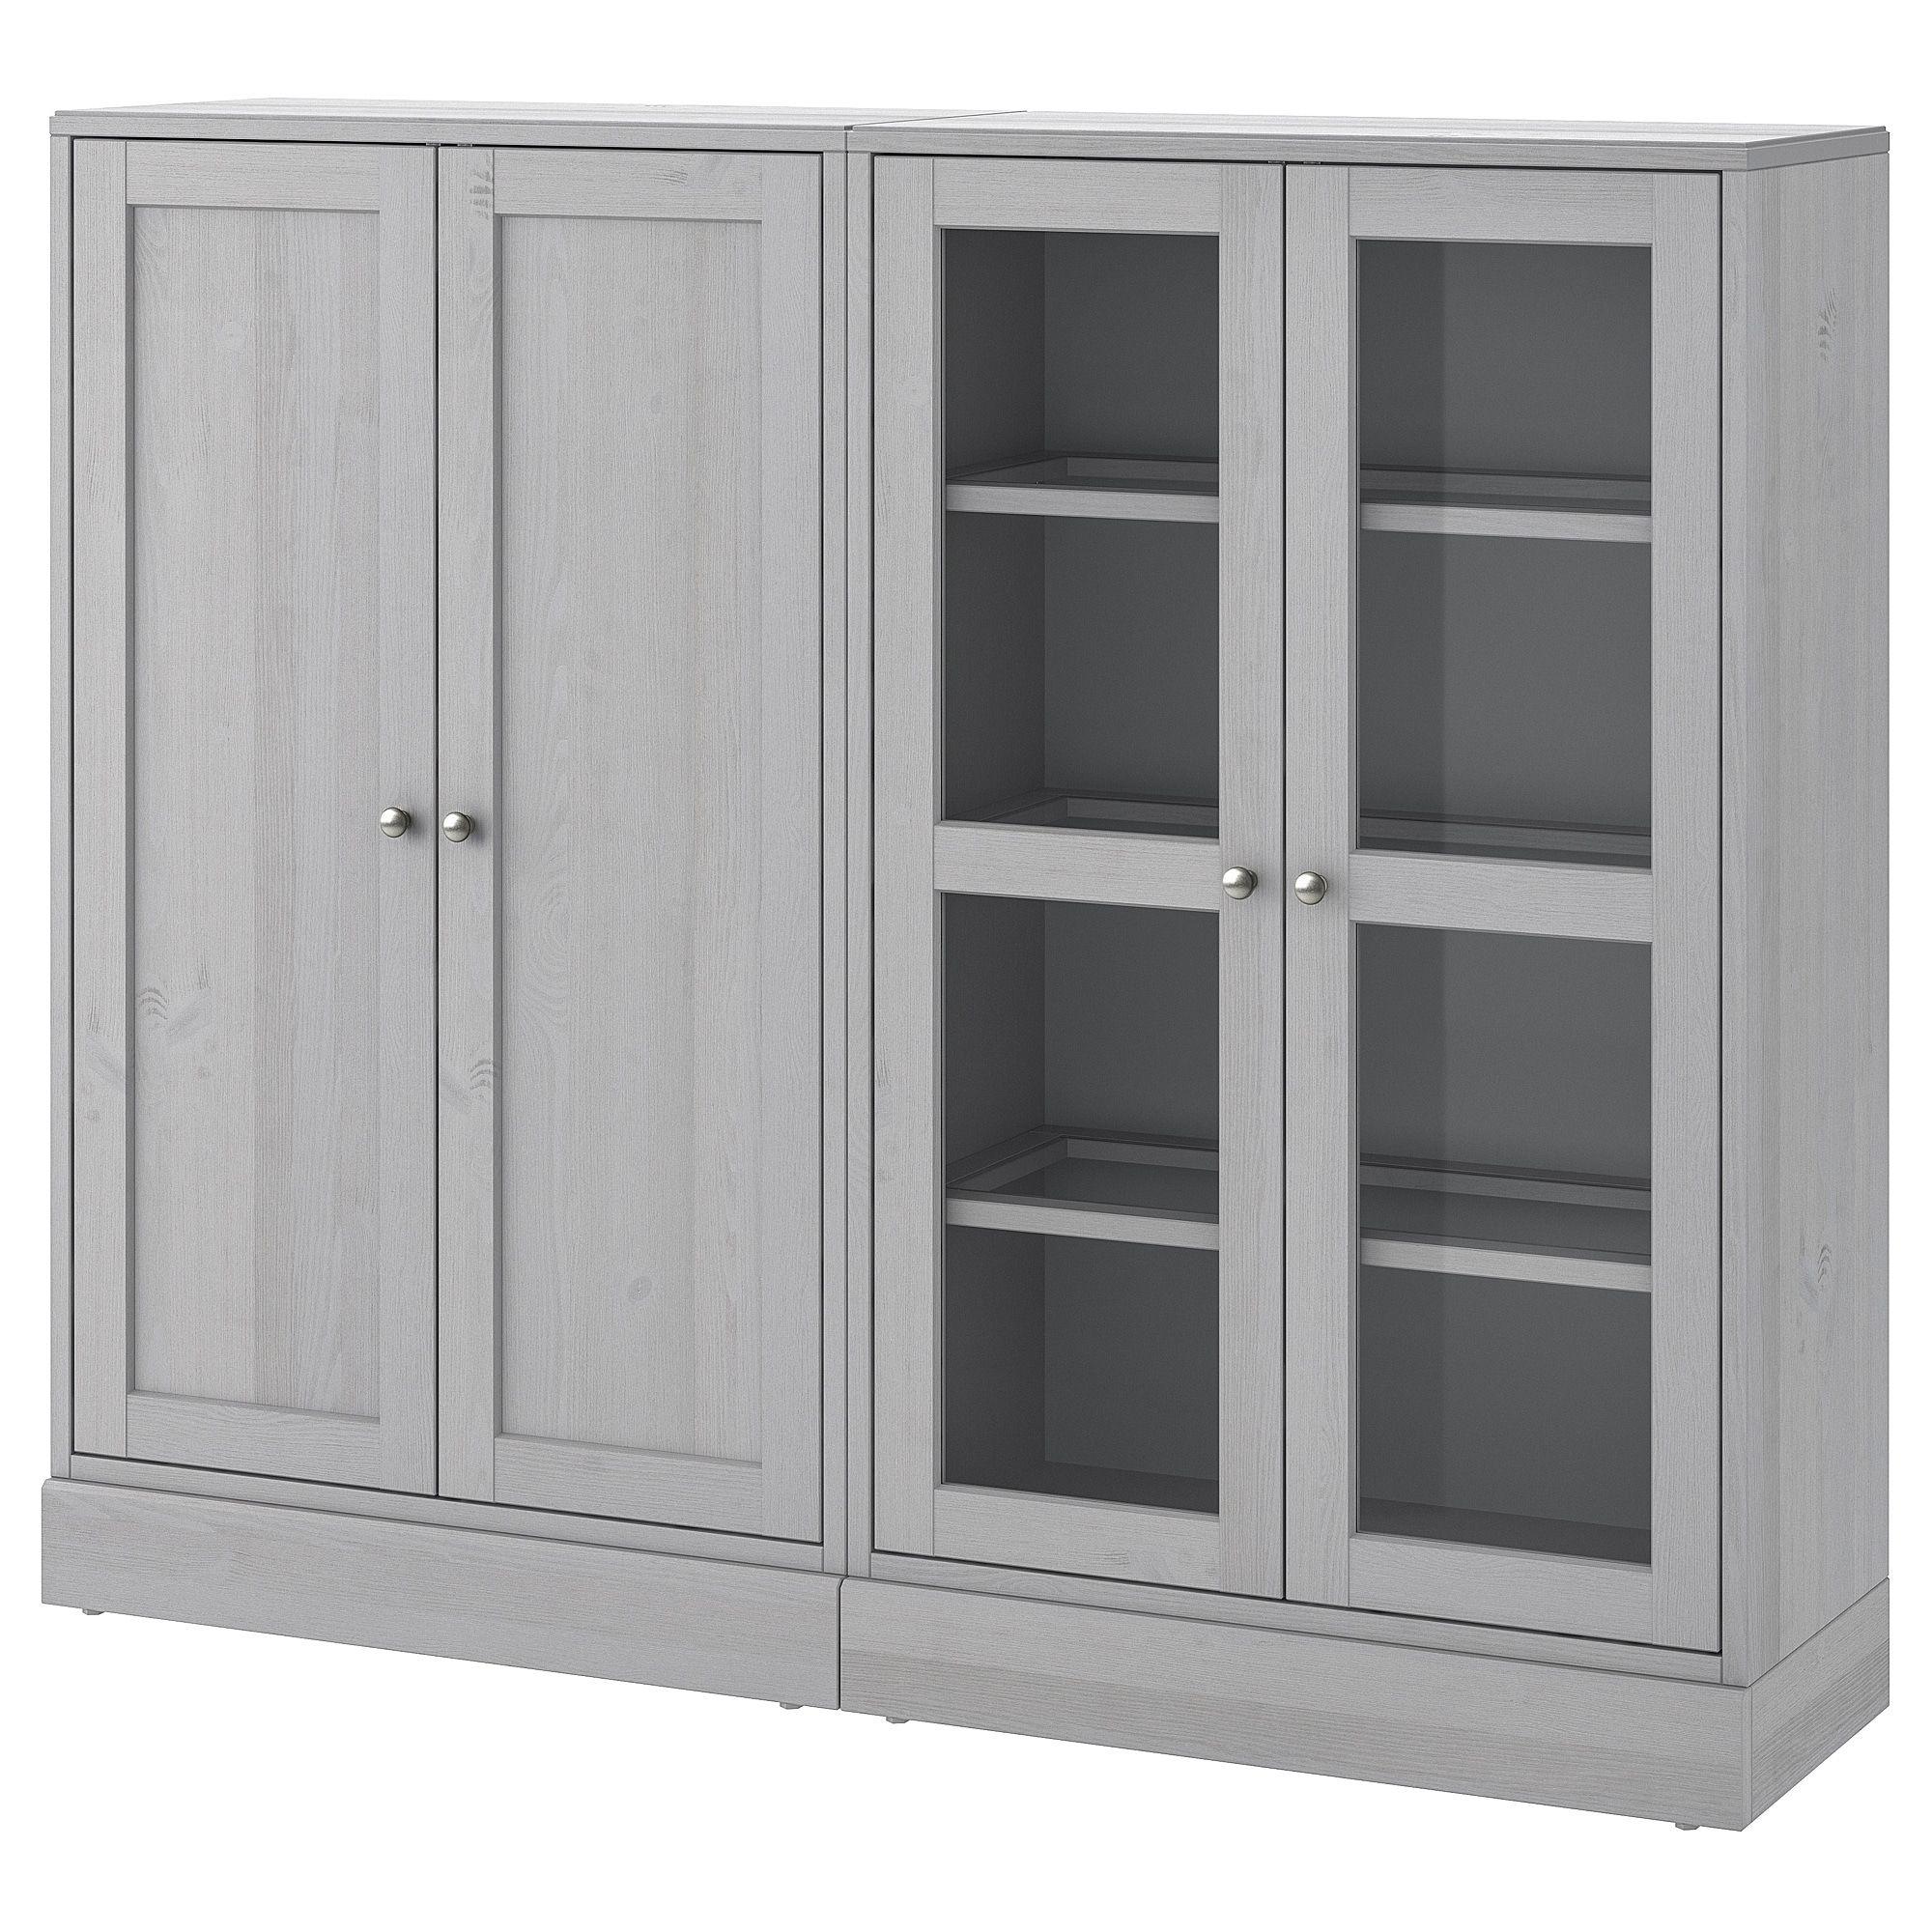 Havsta storage combination w glass doors gray home storage doors ikea